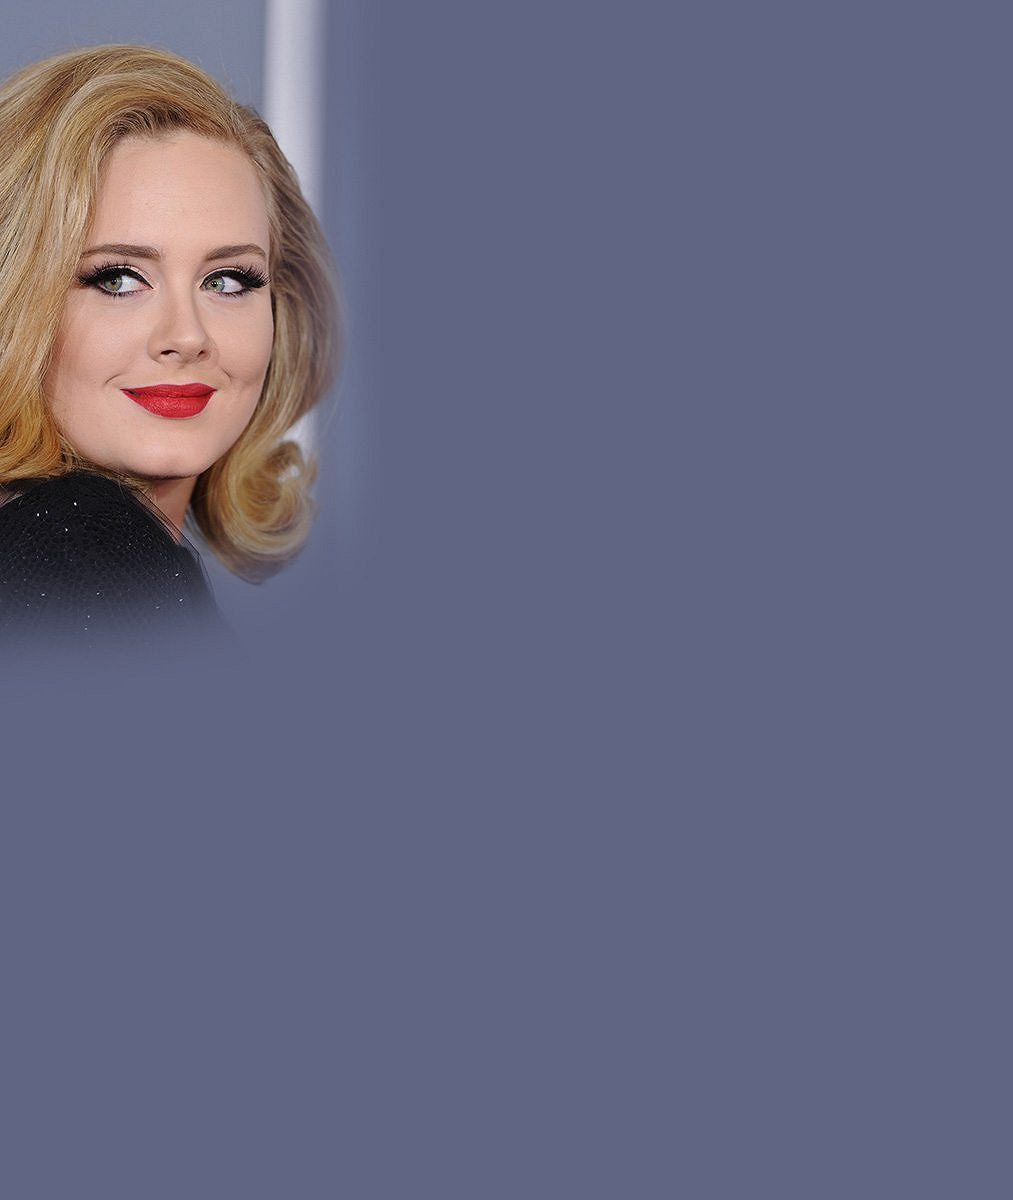 Adele skolila nemoc. Fanouškům se omlouvala za zrušení koncertu úplně 'na přírodu'